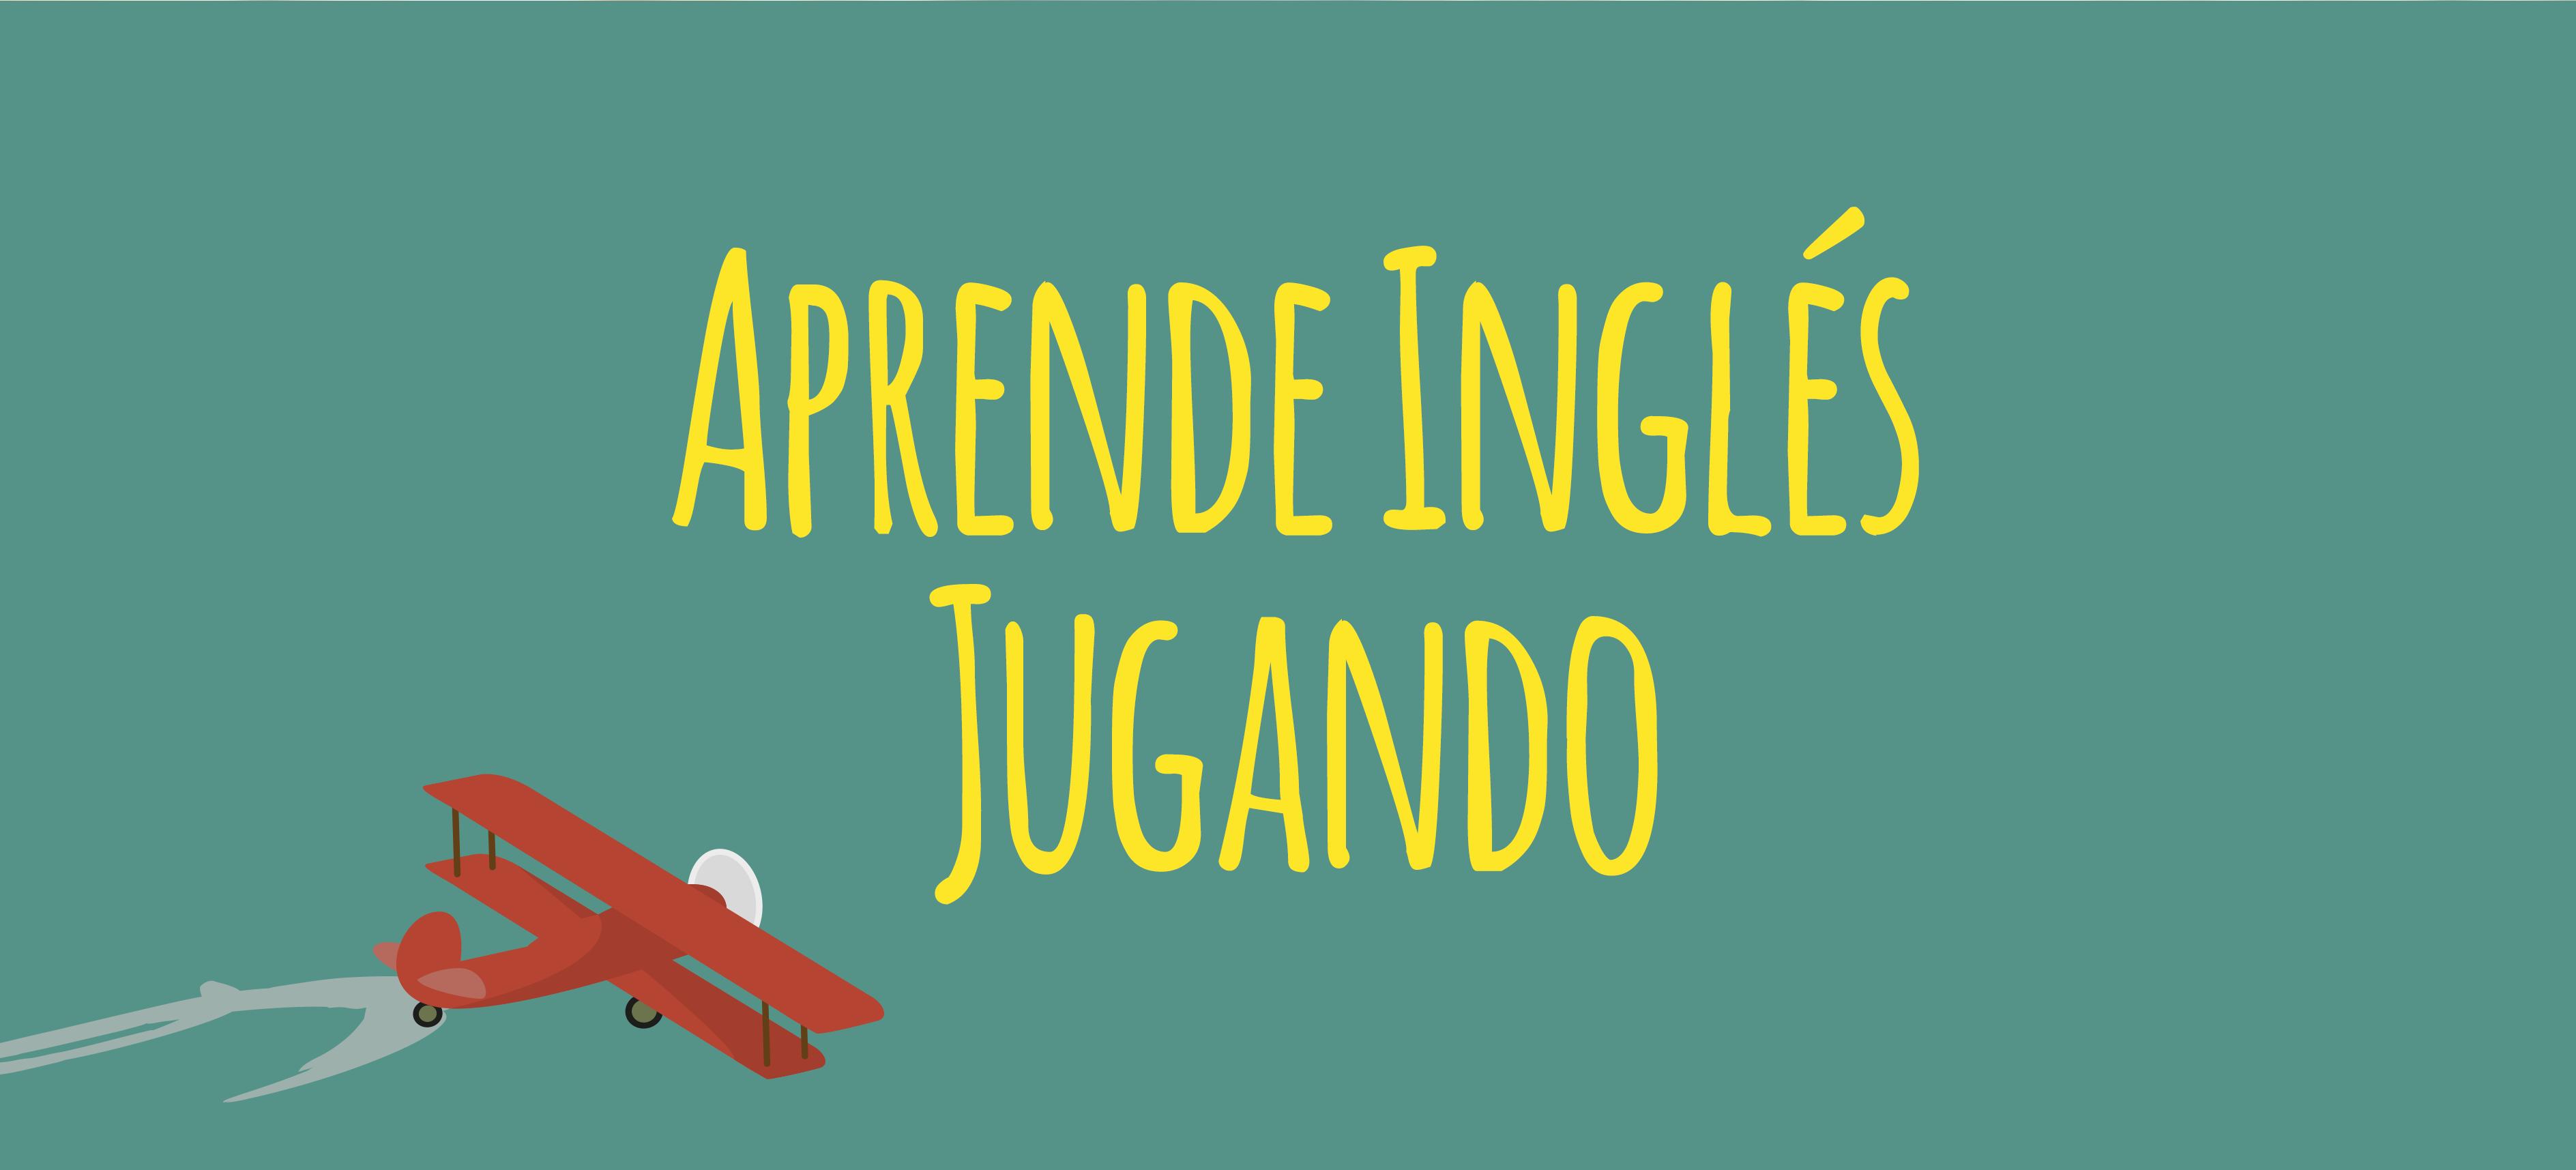 Aprende Inglés Jugando - El Blog de Idiomas